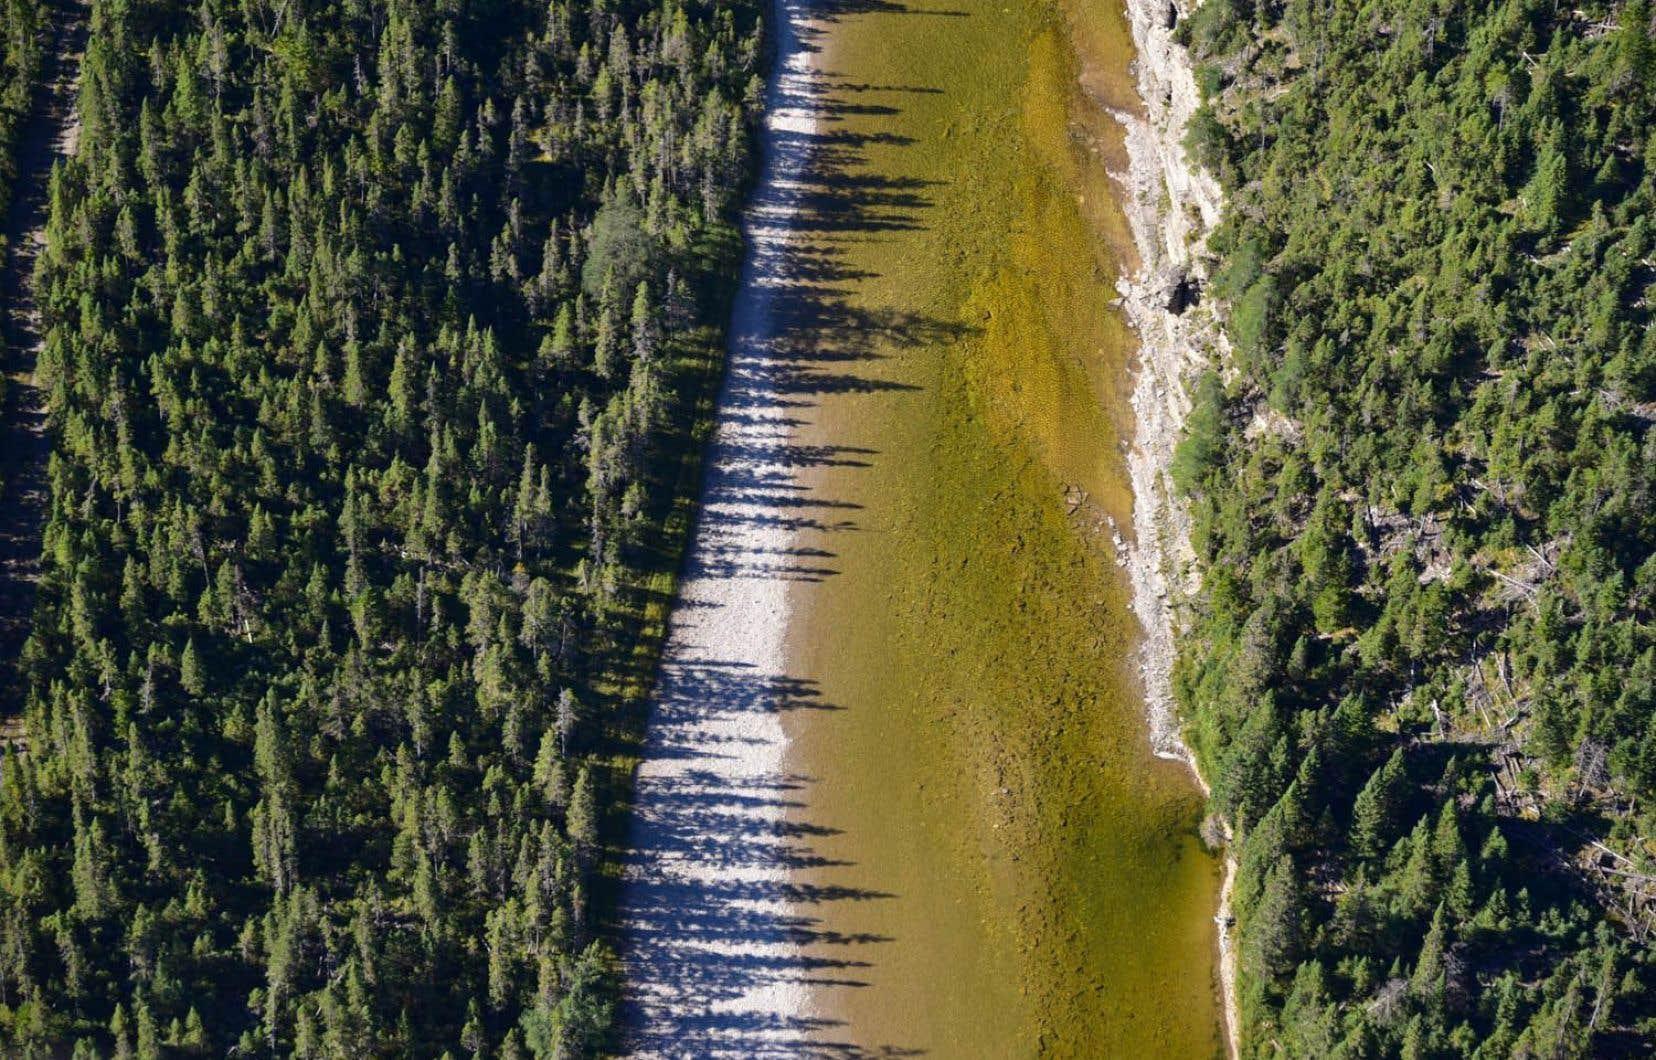 Des bassins devront être aménagés pour contenir l'eau nécessaire pour les opérations de fracturation. Ci-dessus, la rivière Jupiter.